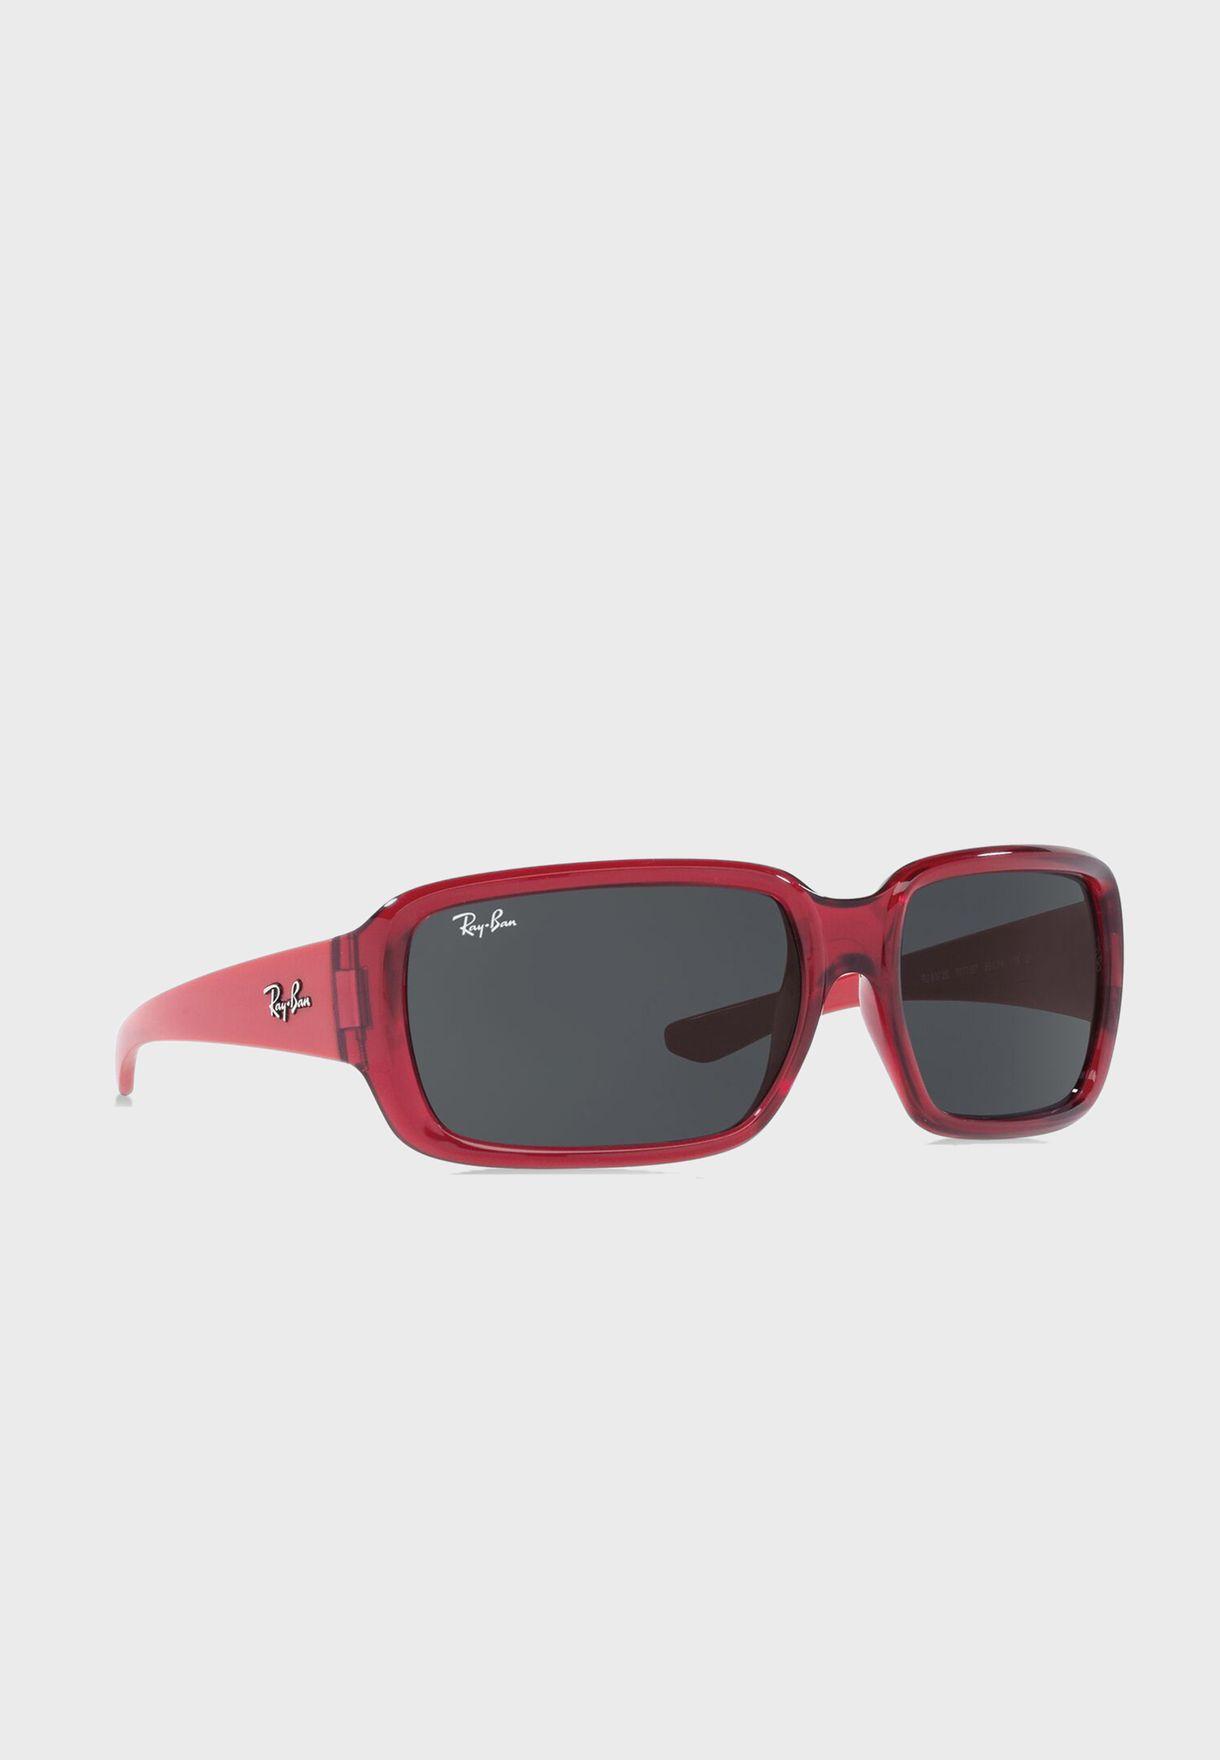 نظارة شمسية كبيرة 0Rj9072S